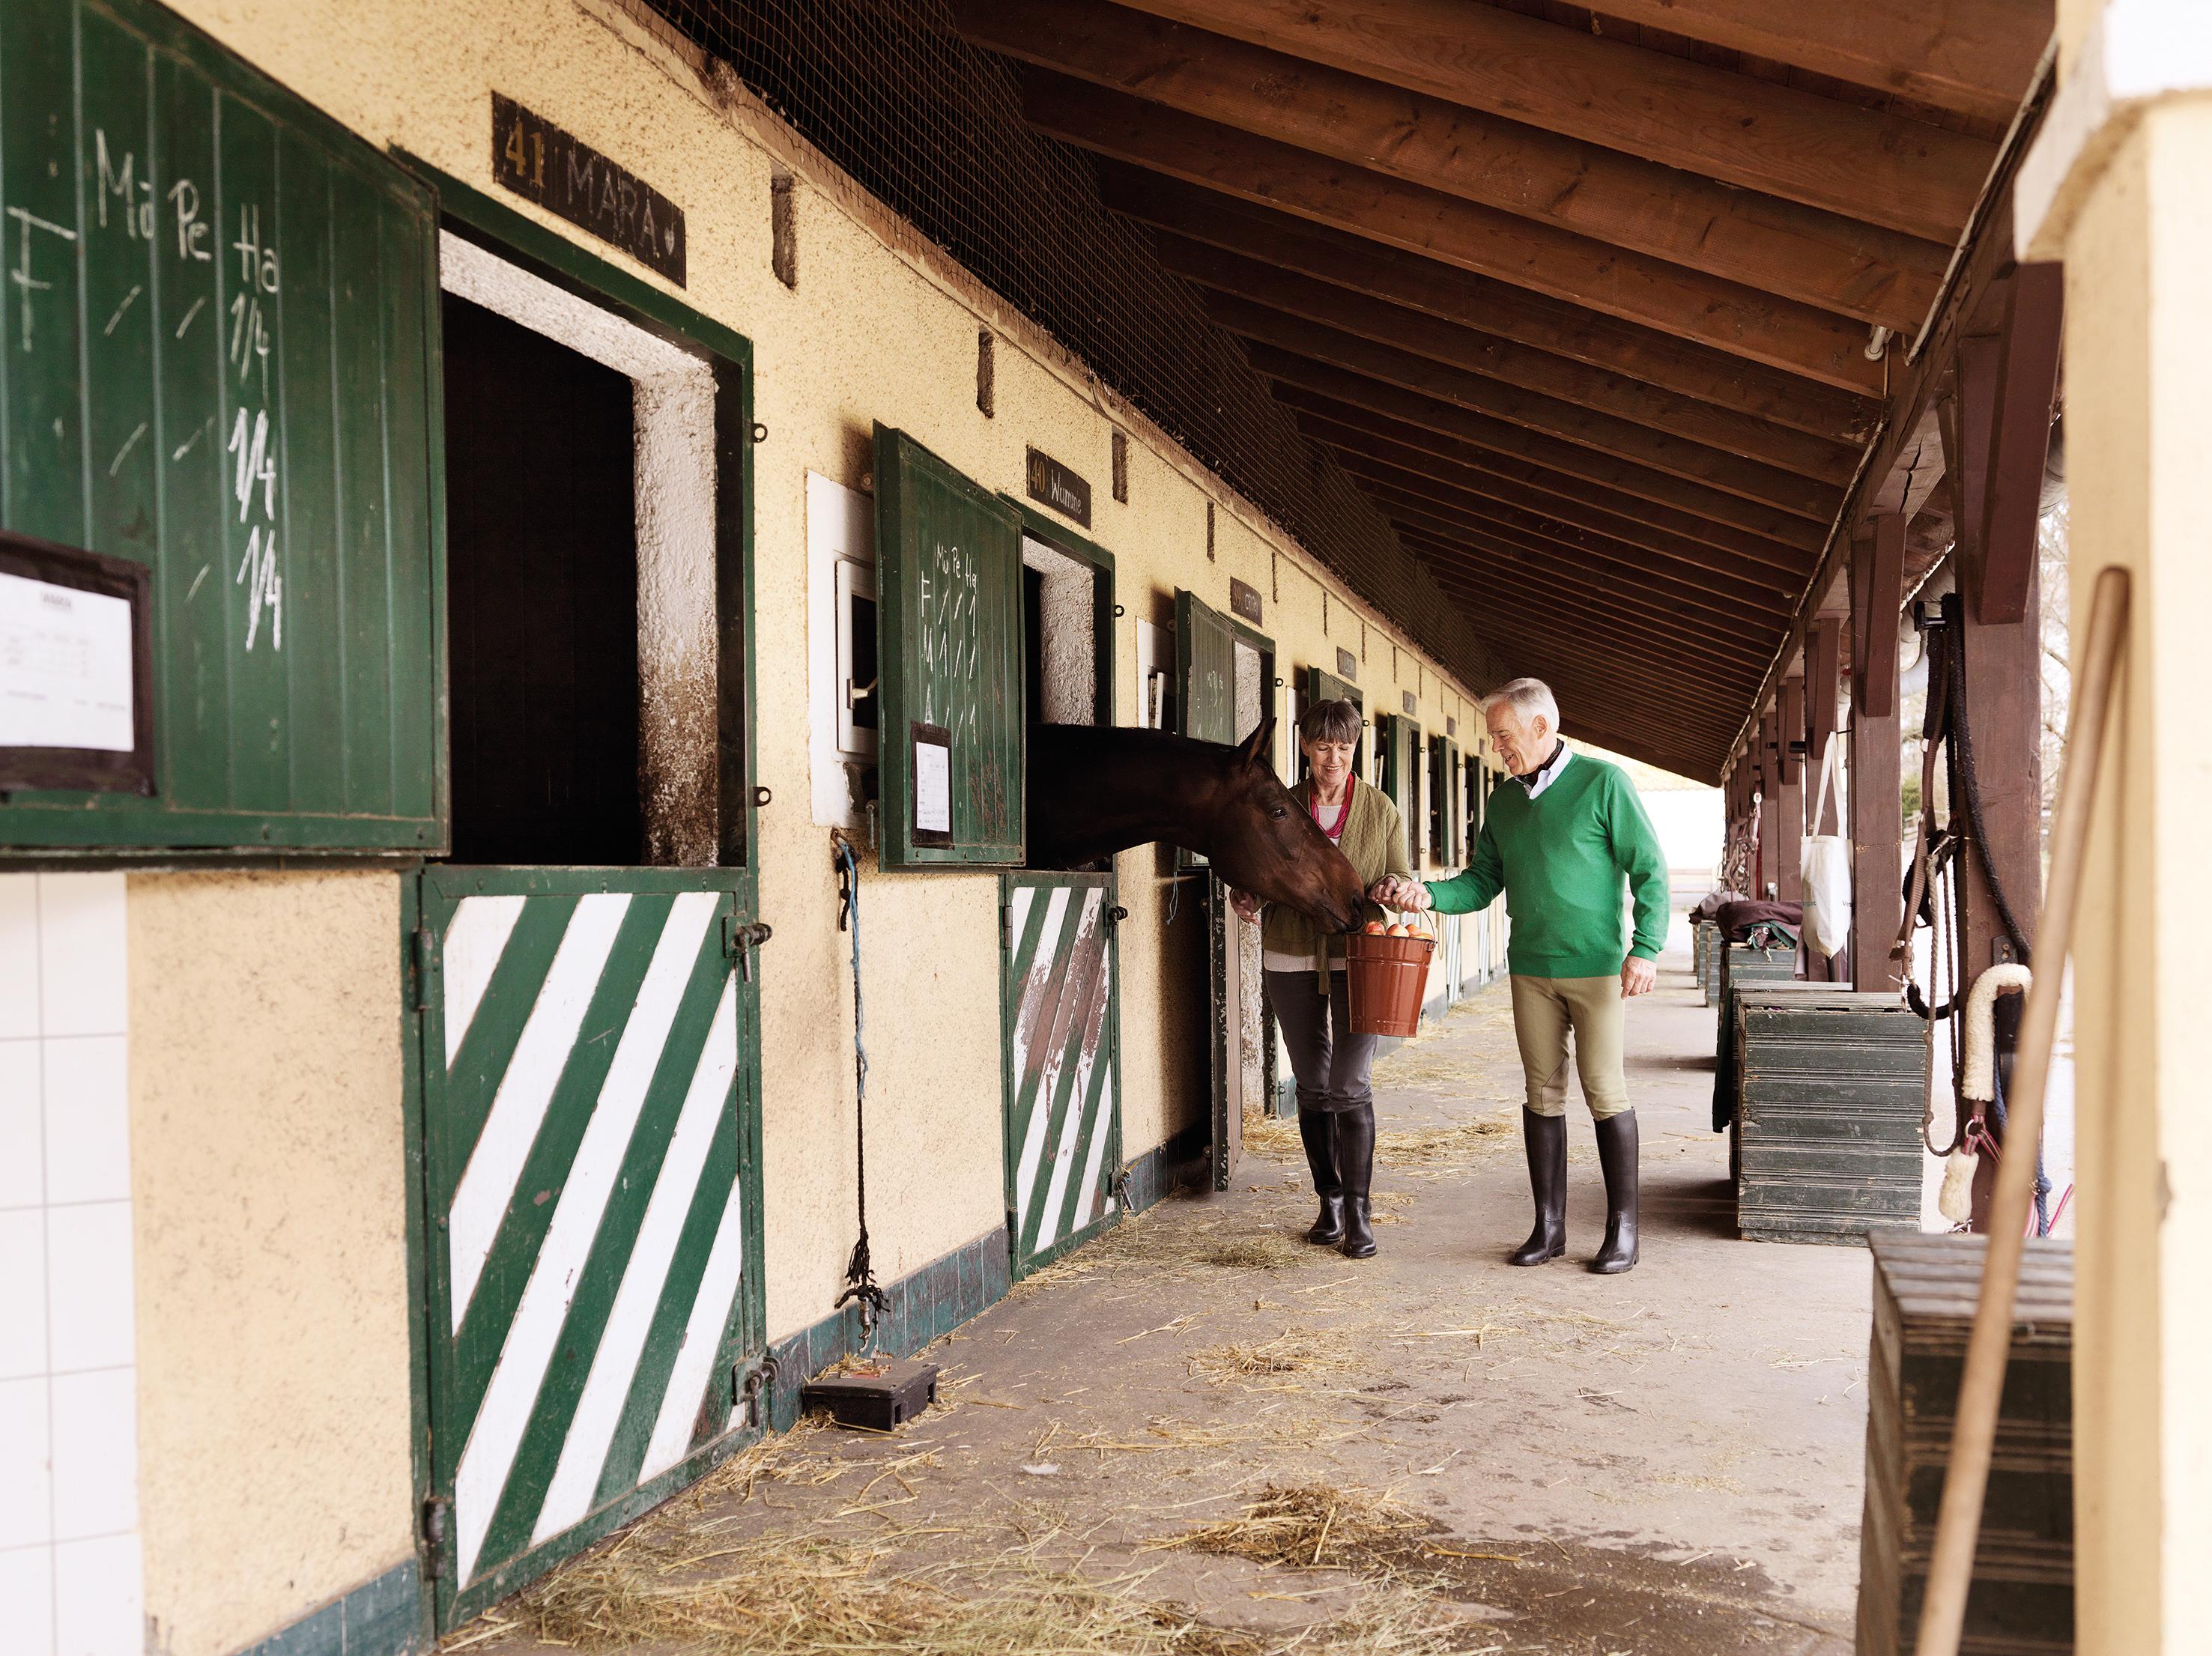 Aelteres Paar im Pferdestall